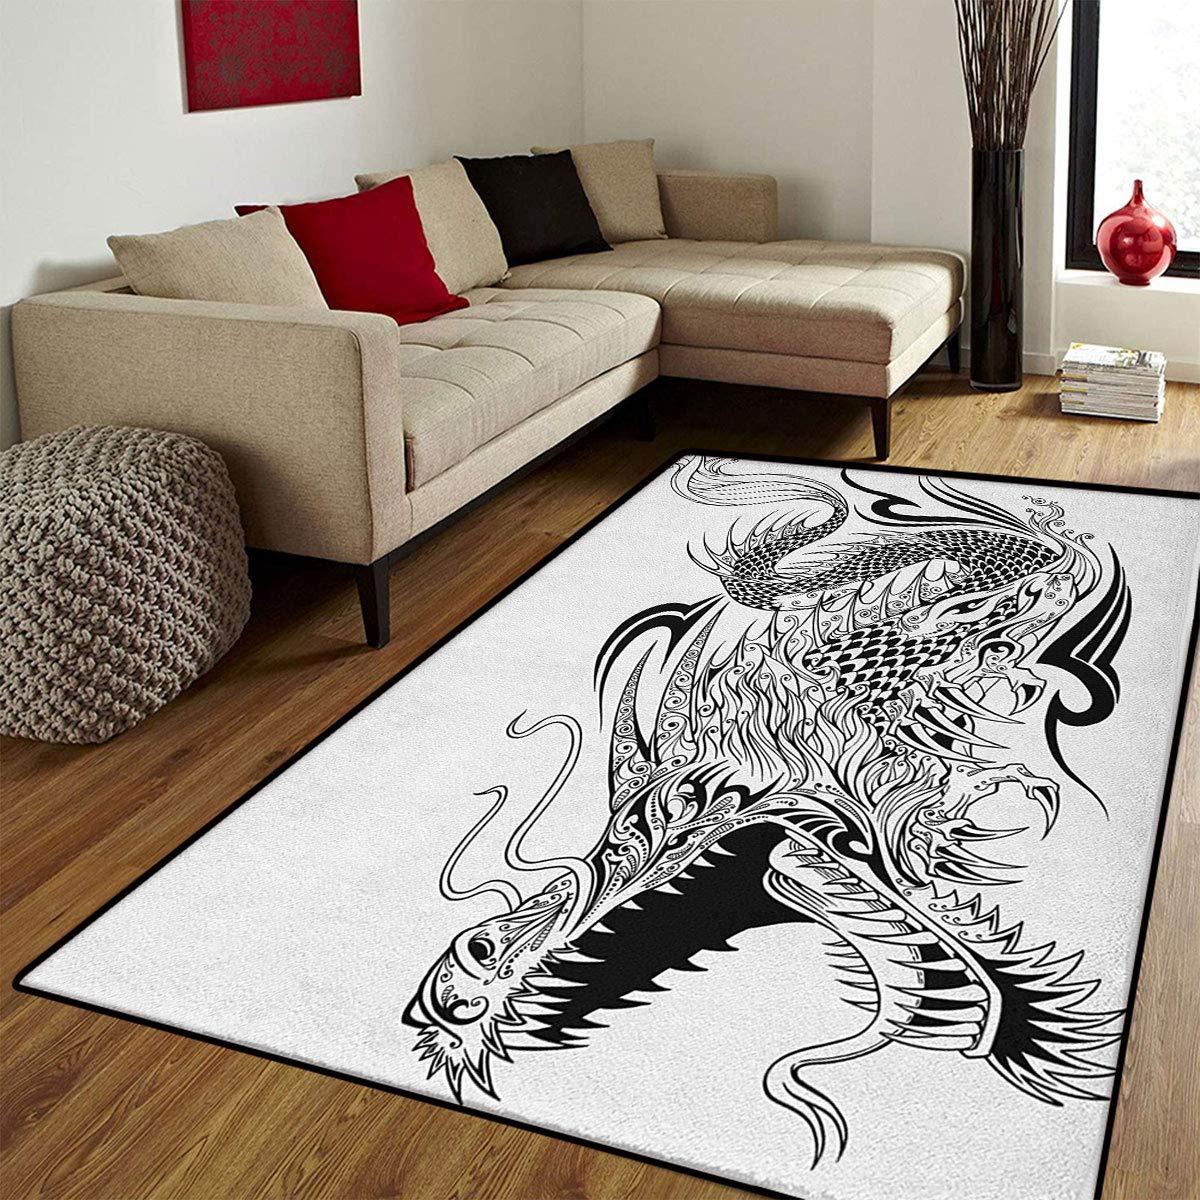 Dragon,Rug,Tatuaje Estilo Tradicional Asiático Alas Criura con ...